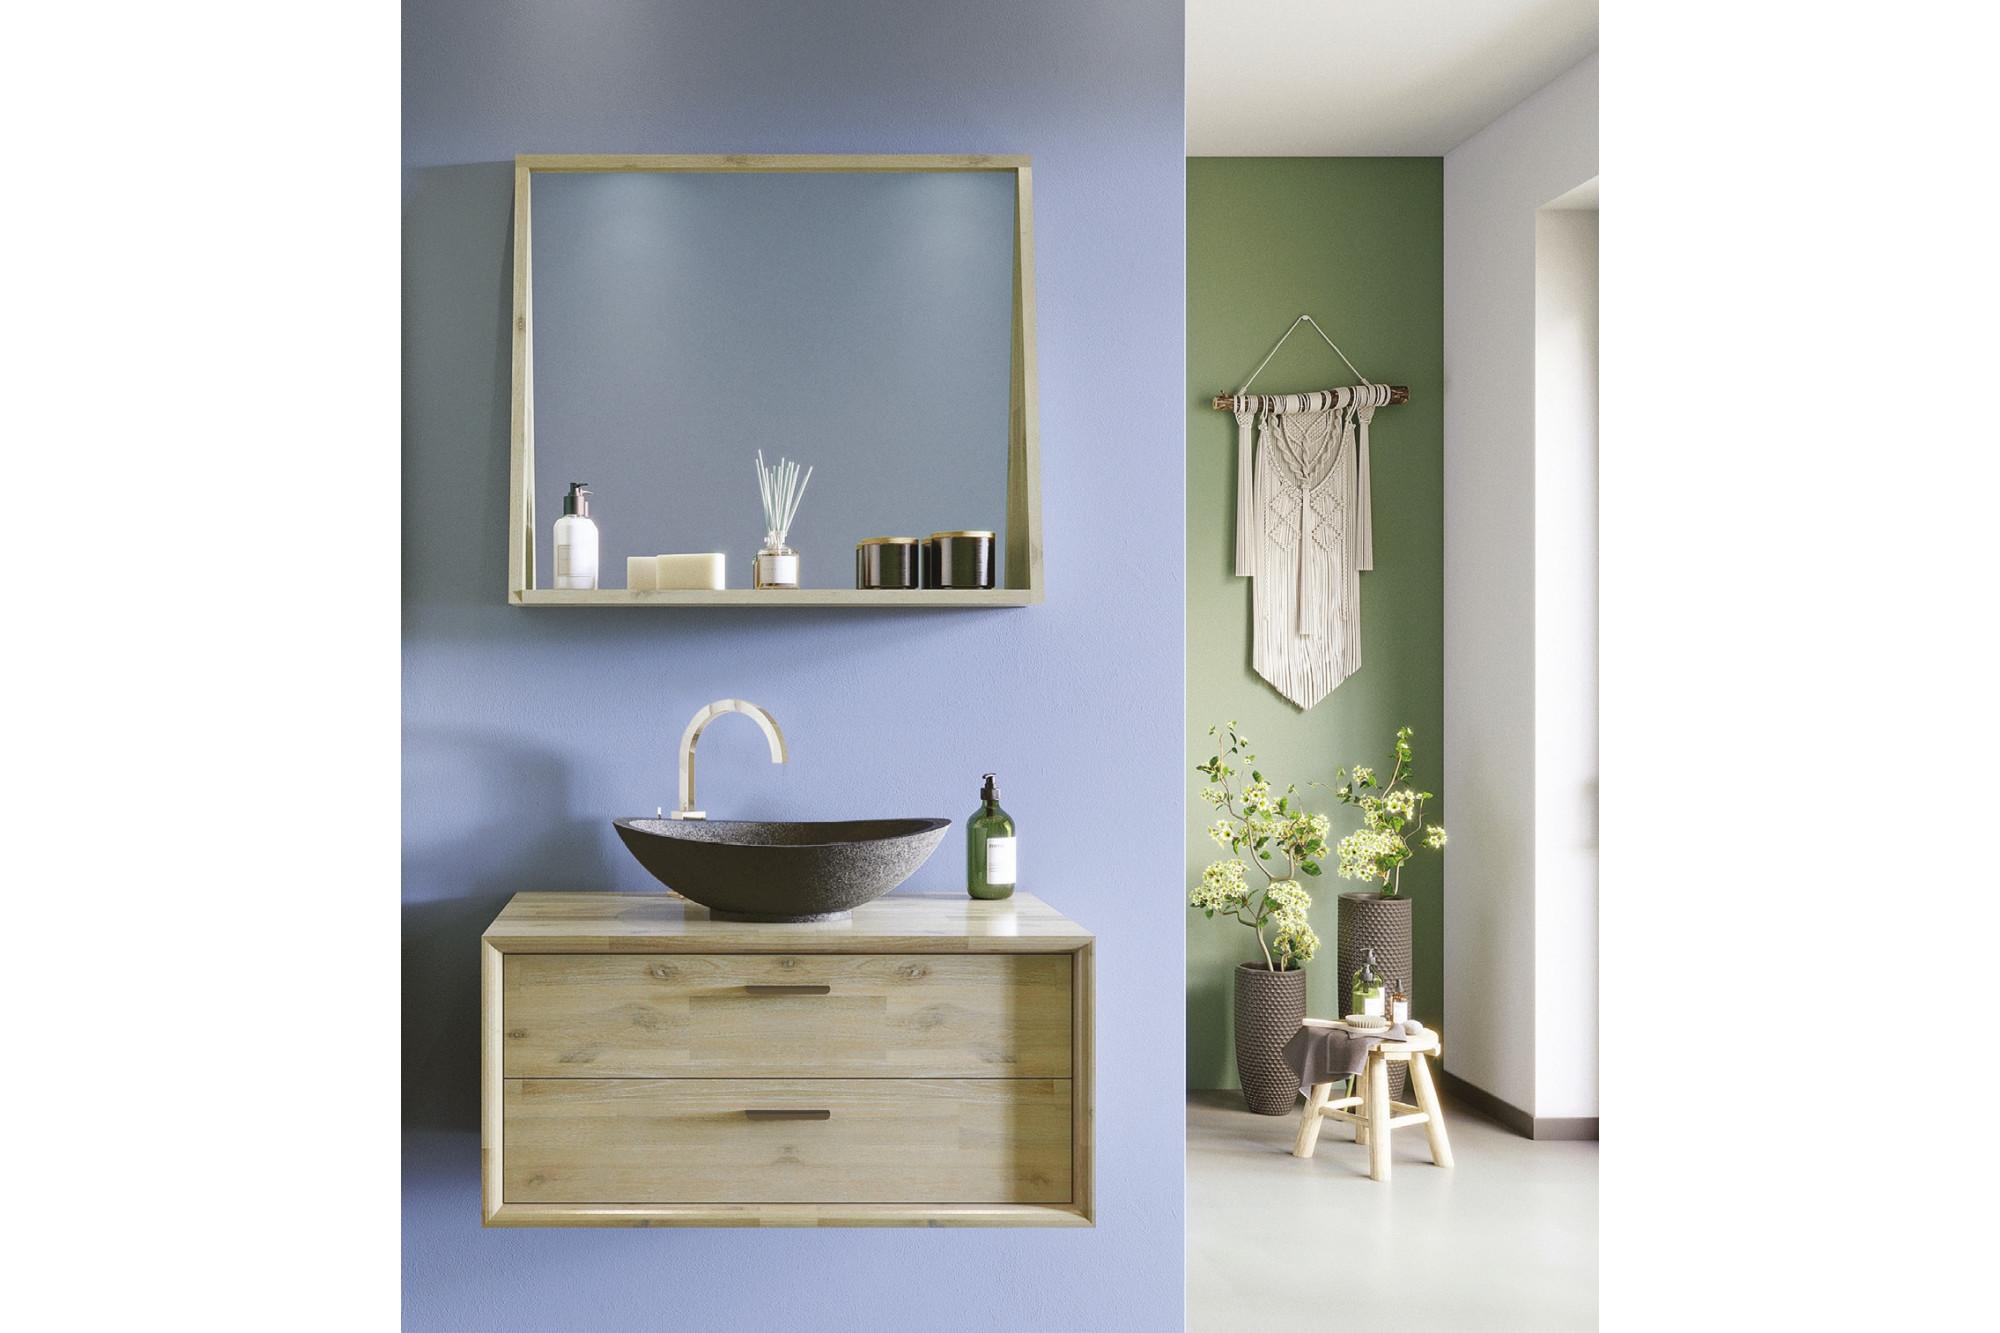 Salle De Bain Image meuble de salle de bain en bois massif avec vasque en pierre naturelle et  miroir - hellin